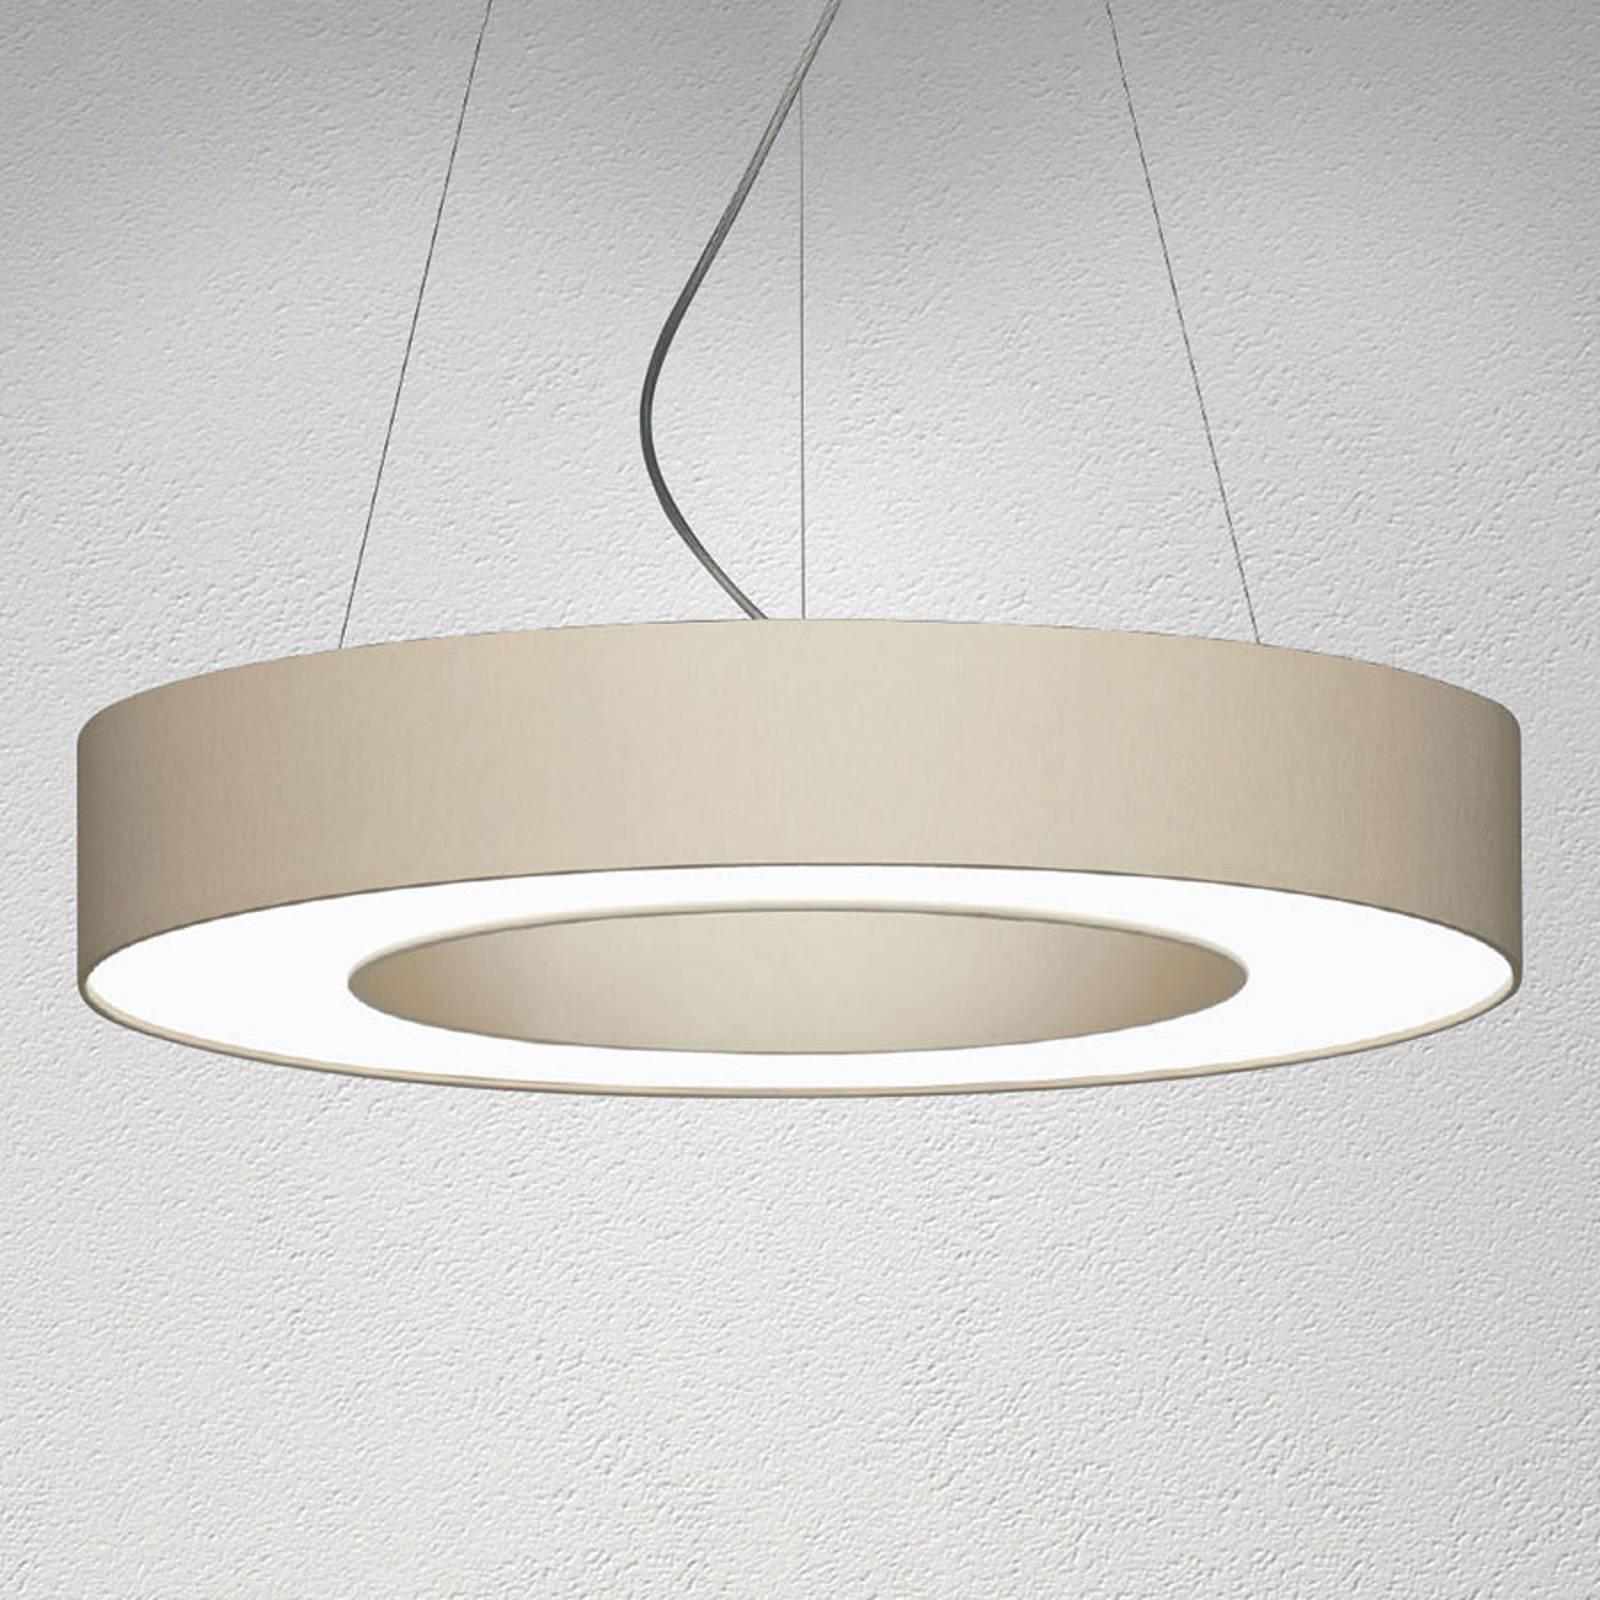 Lampa wisząca LED Donut 34 W melanż